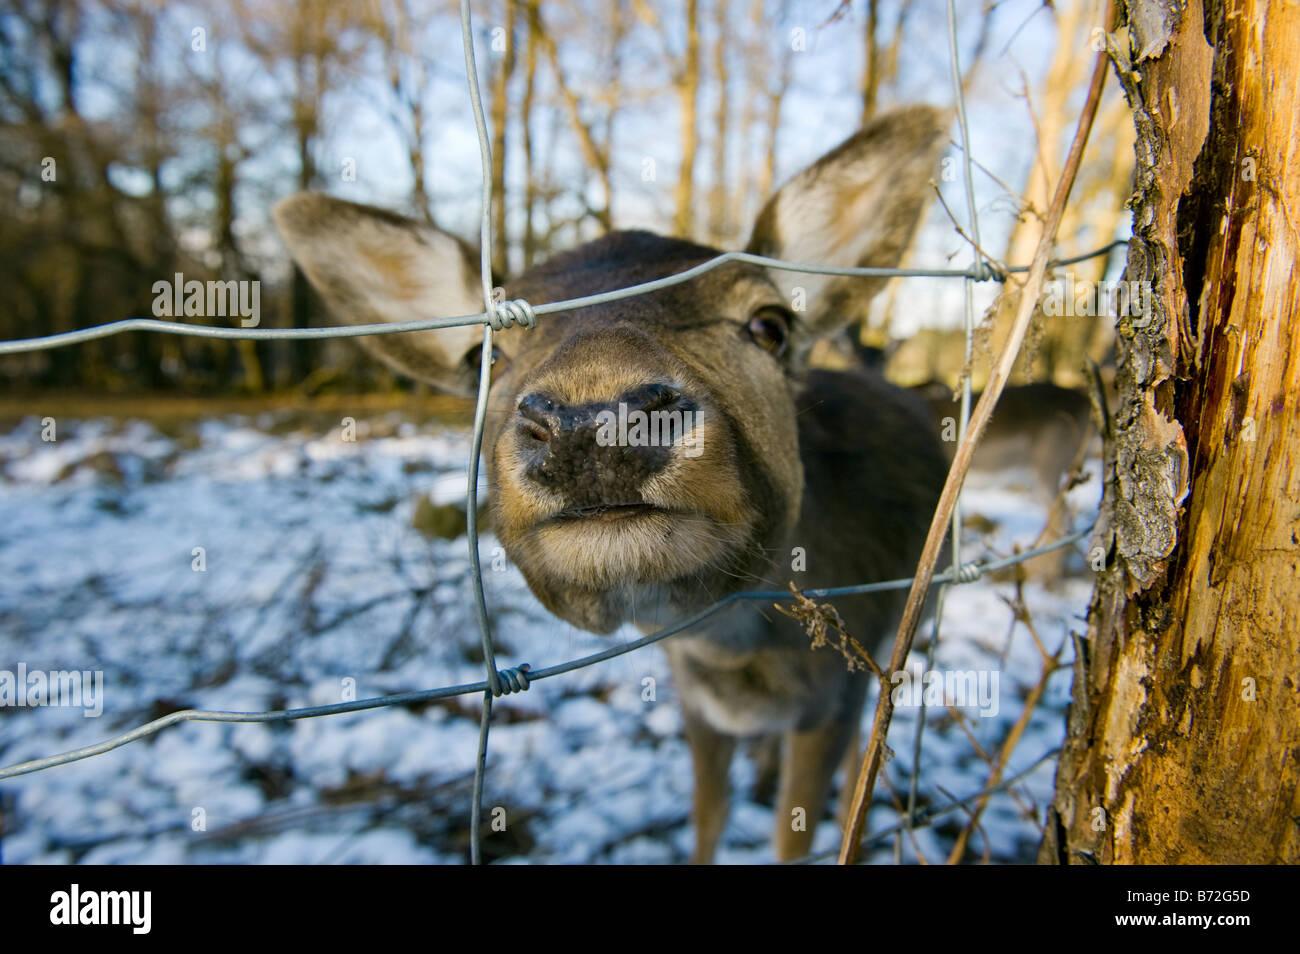 Daino DAMA DAMA specialità di carne di cervo capriolo inverno inverno Neve faccia freddo naso occhio Red Deer Immagini Stock